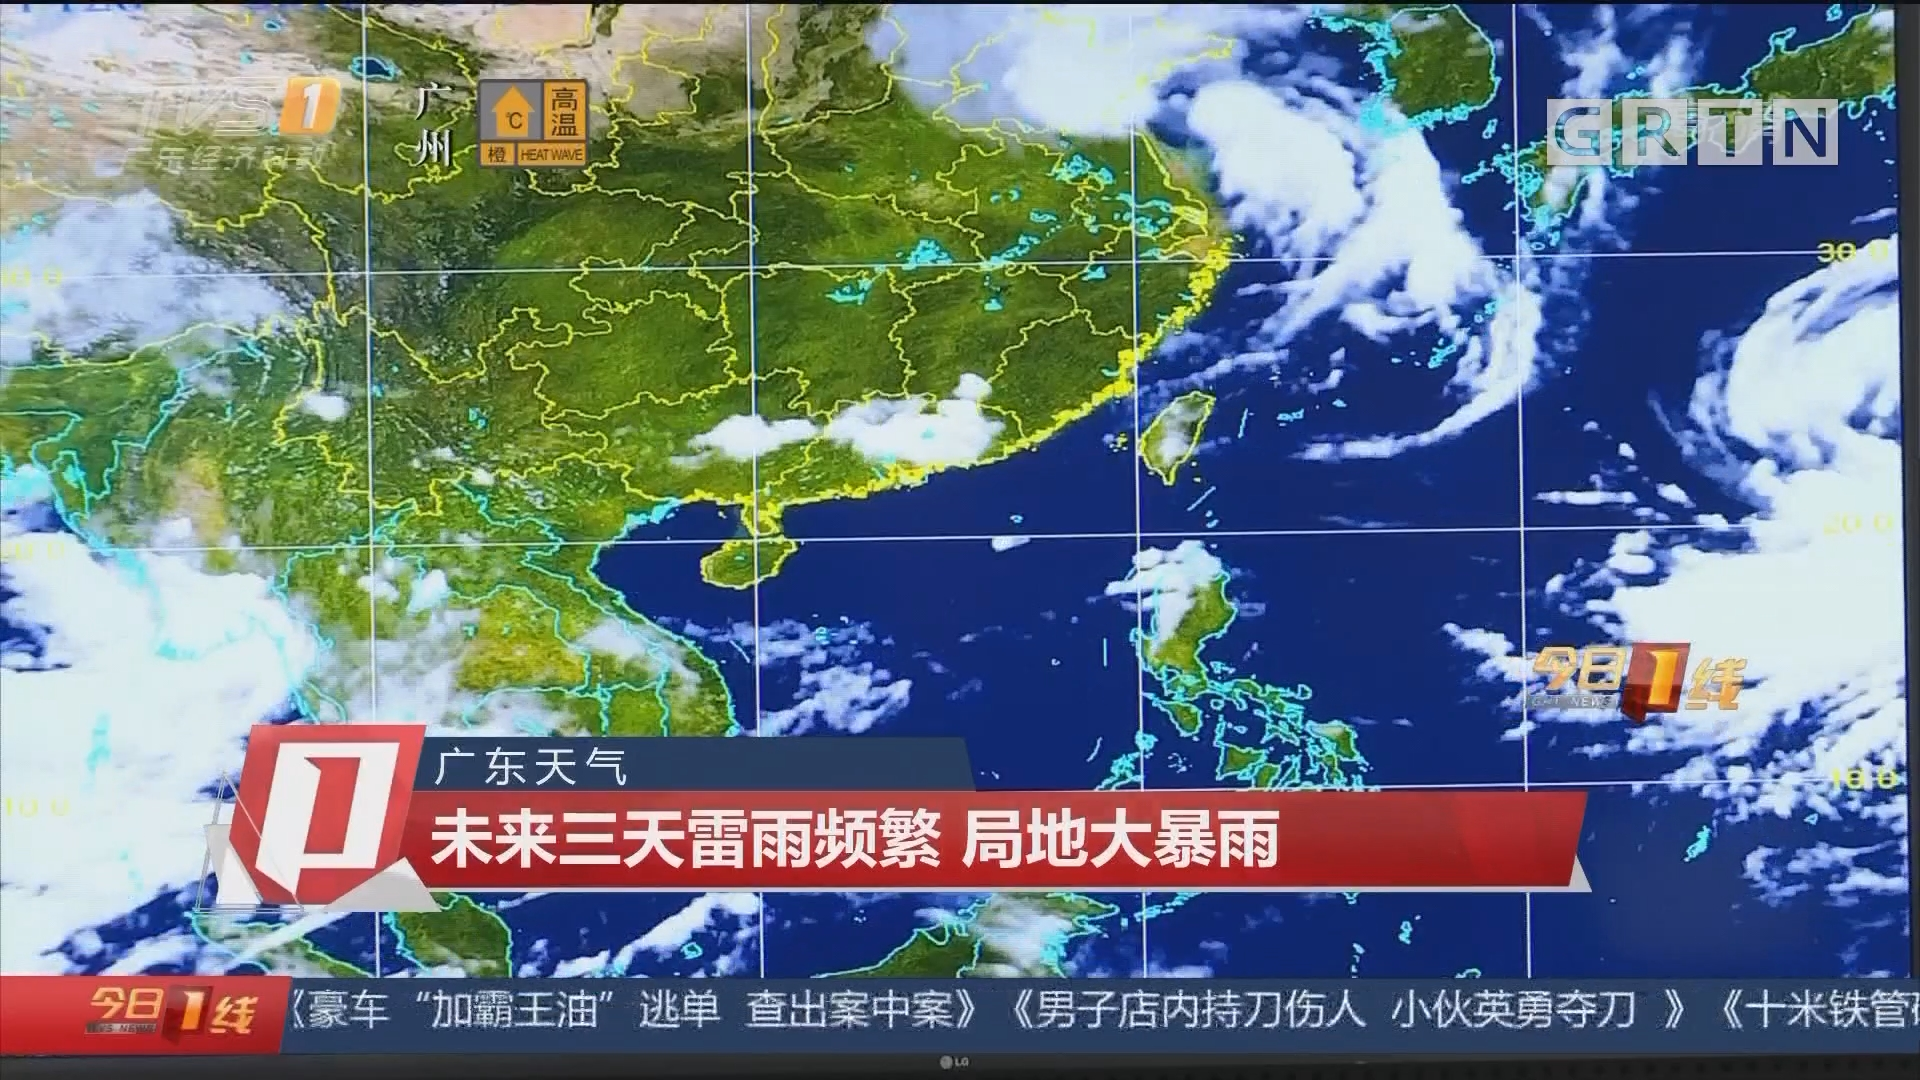 广东天气:未来三天雷雨频繁 局地大暴雨